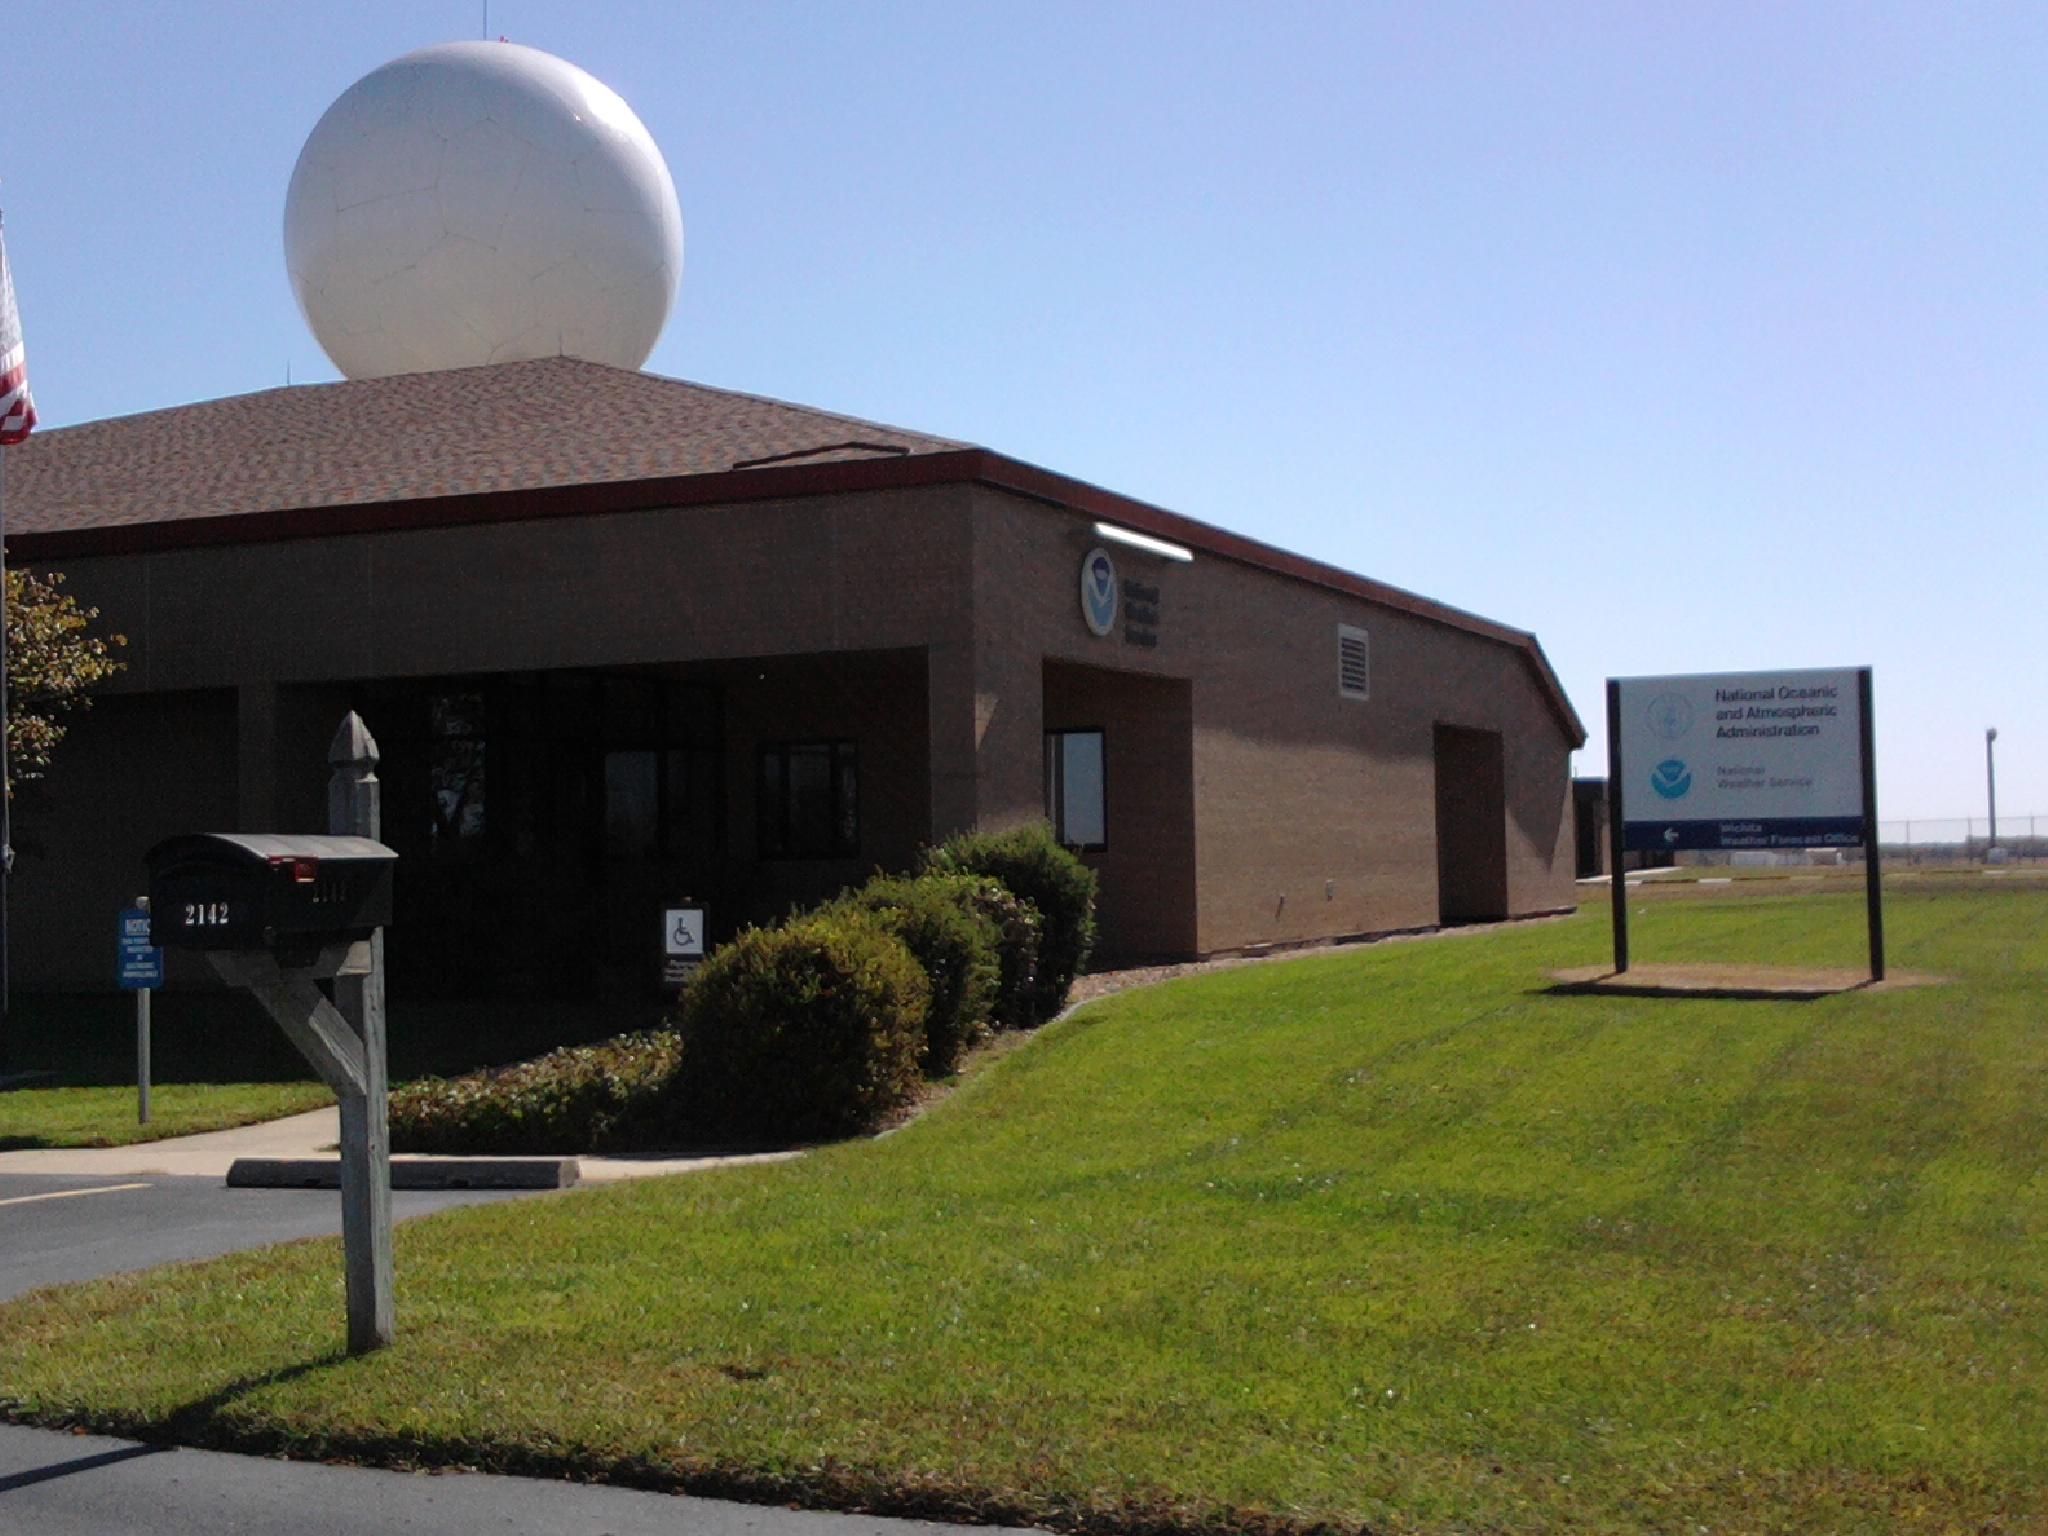 FileWichita Kansas National Weather Service Officejpg - National weather service lincoln illinois